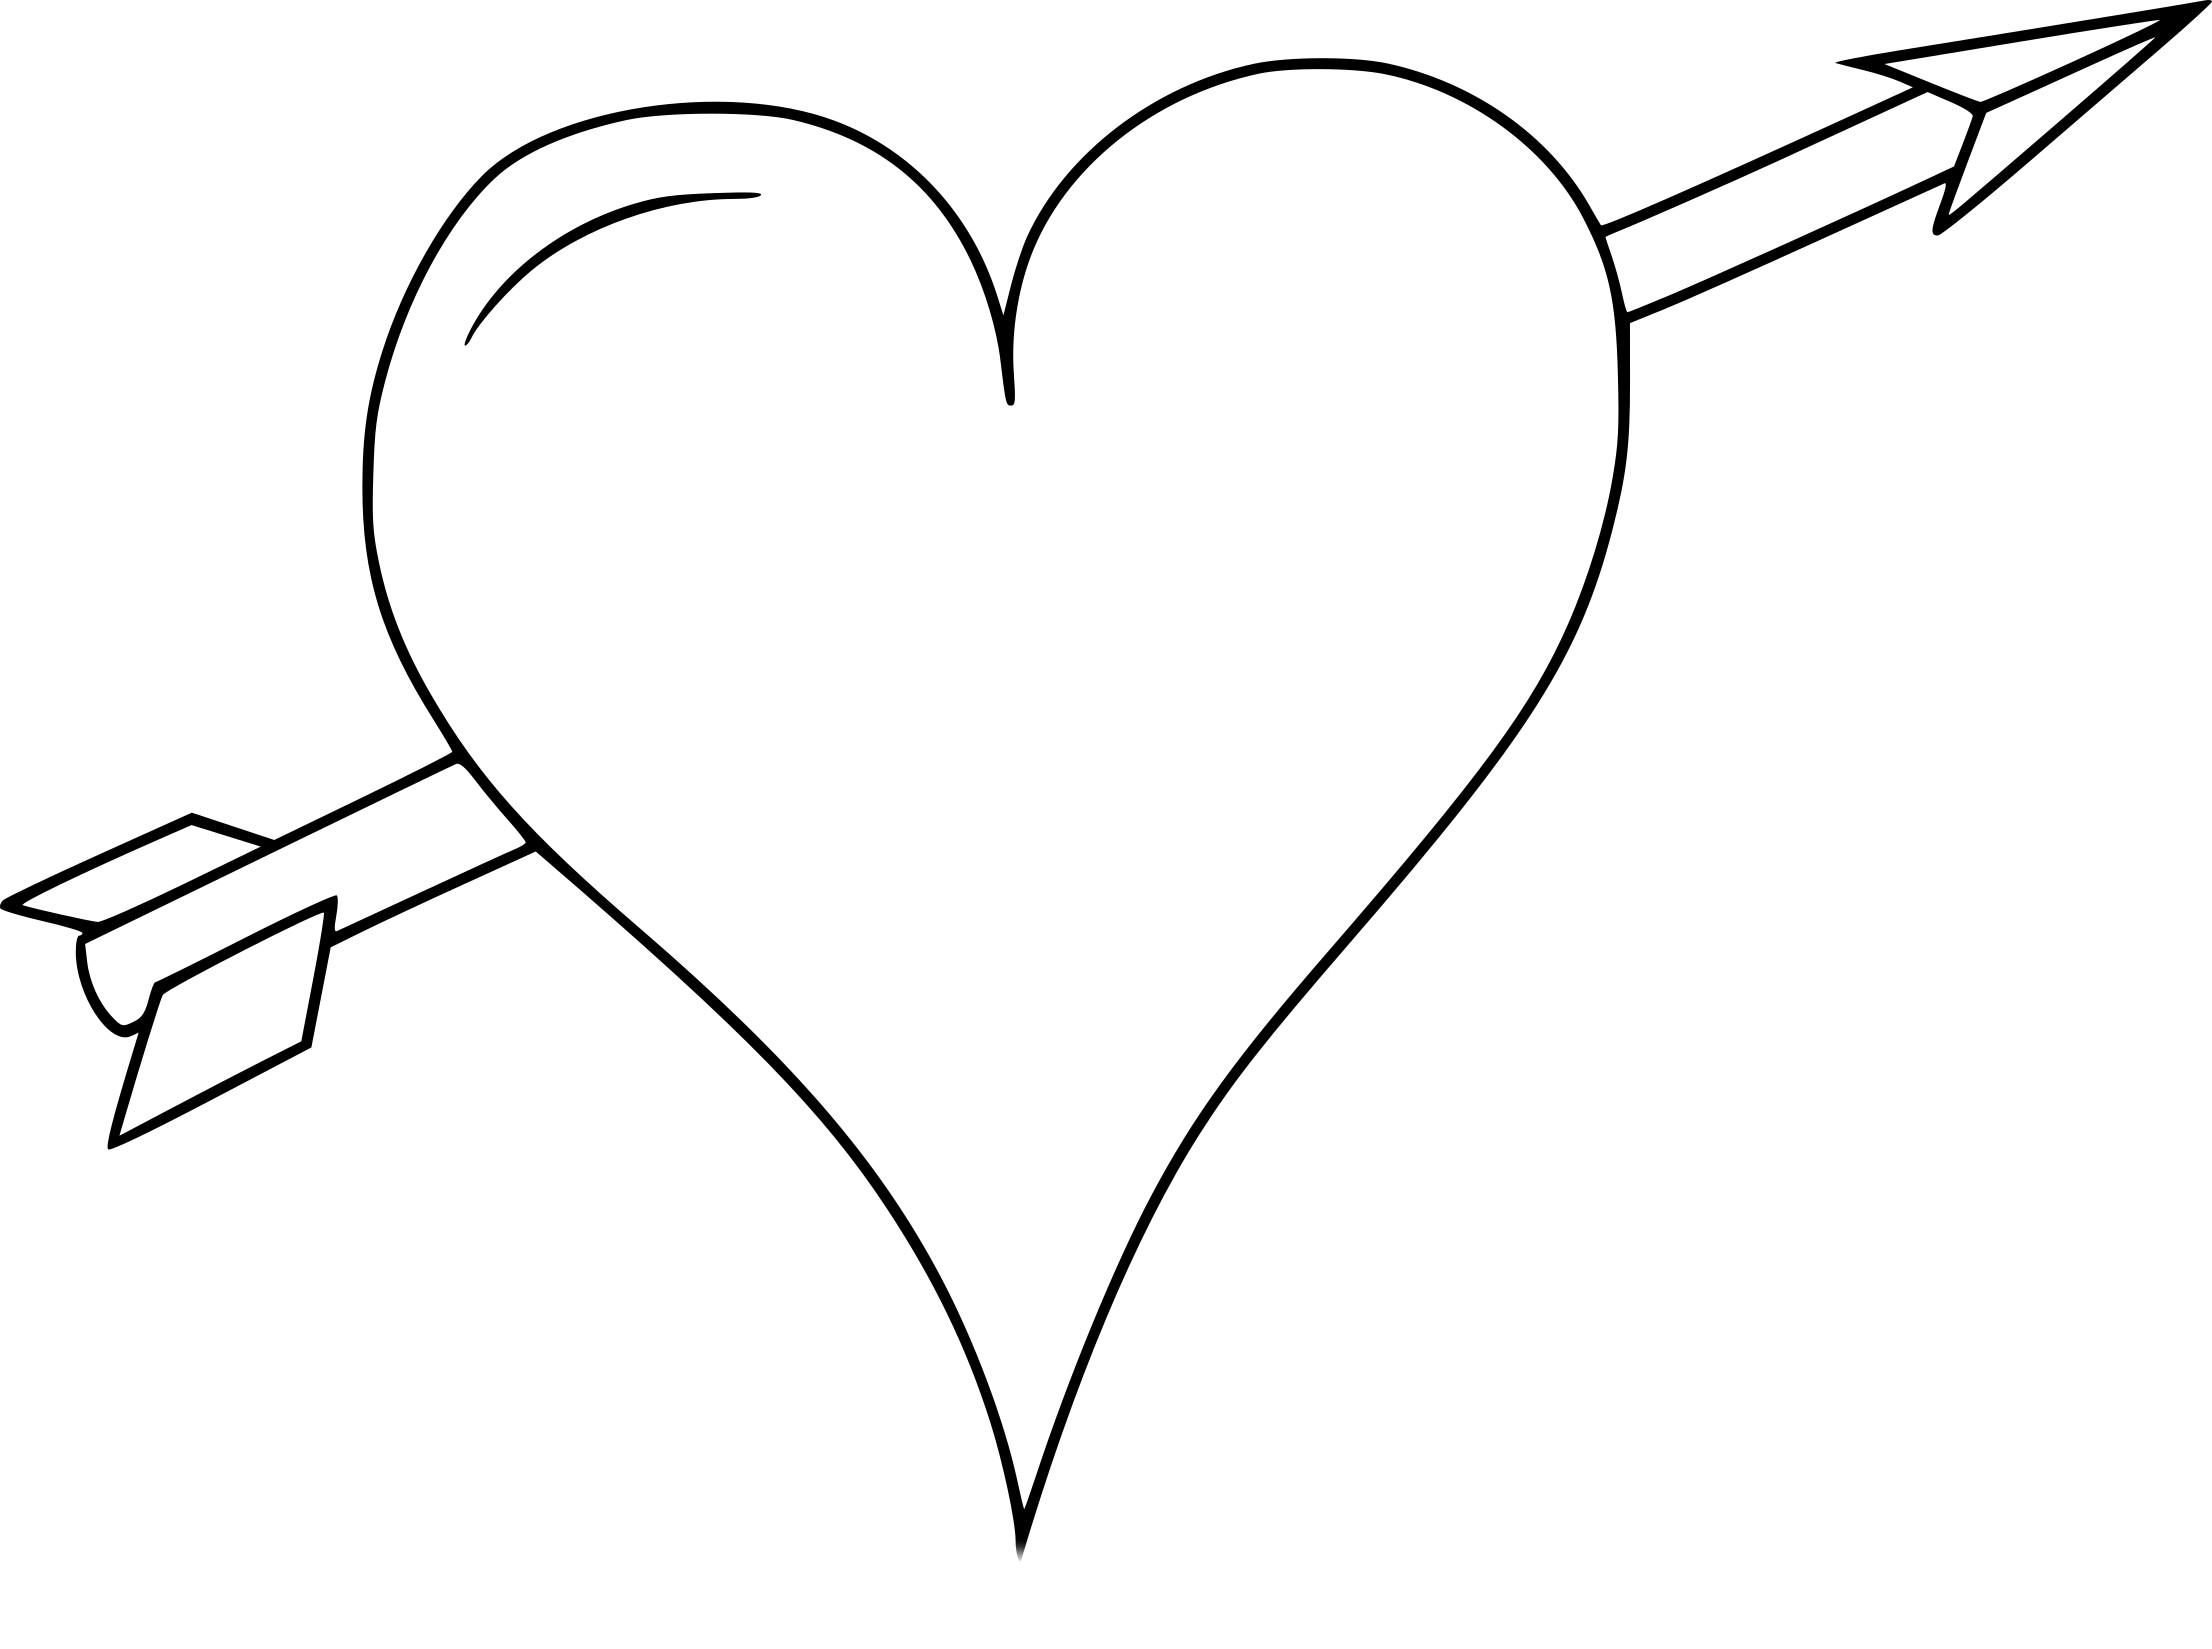 Coloriage coeur avec une fleche